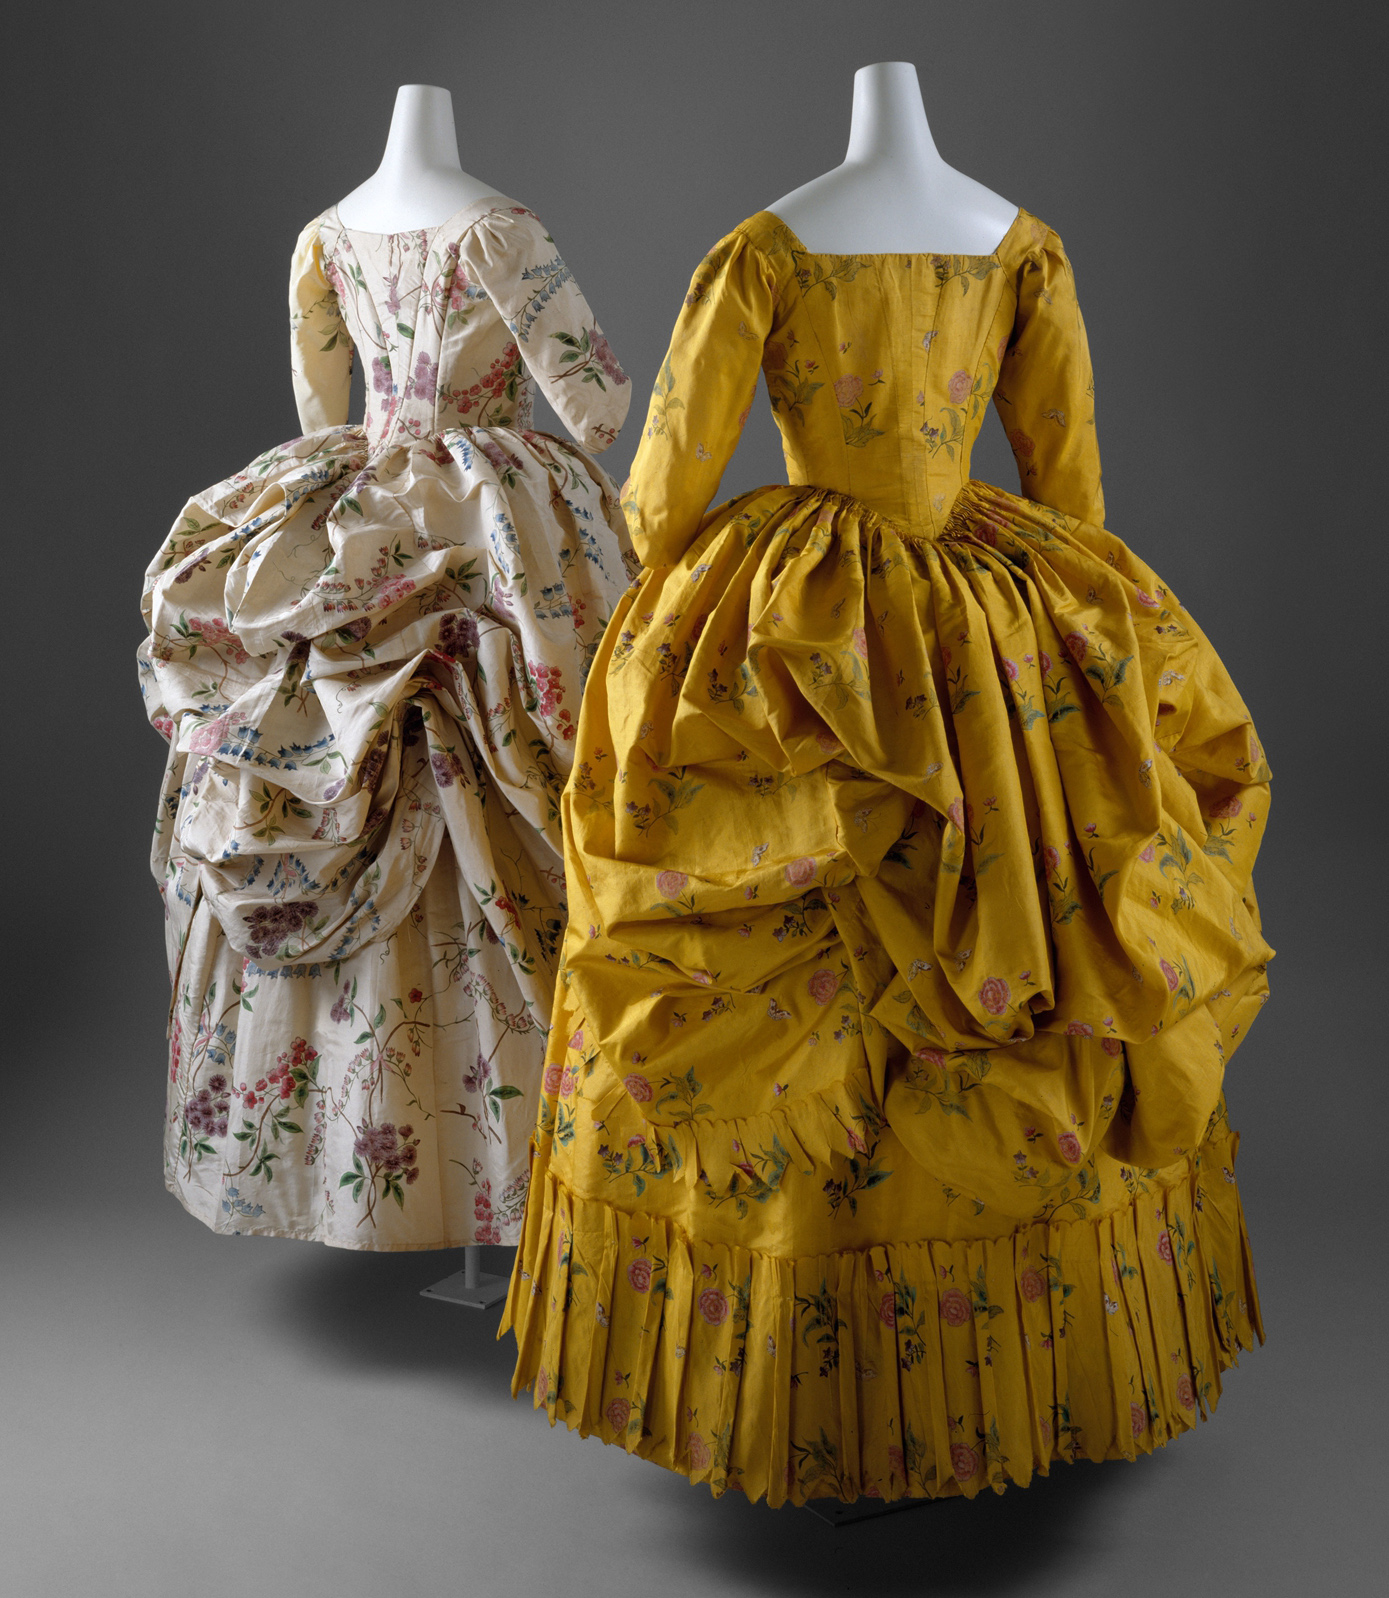 1780c, Robe à la polonaise, Metropolitan Museum